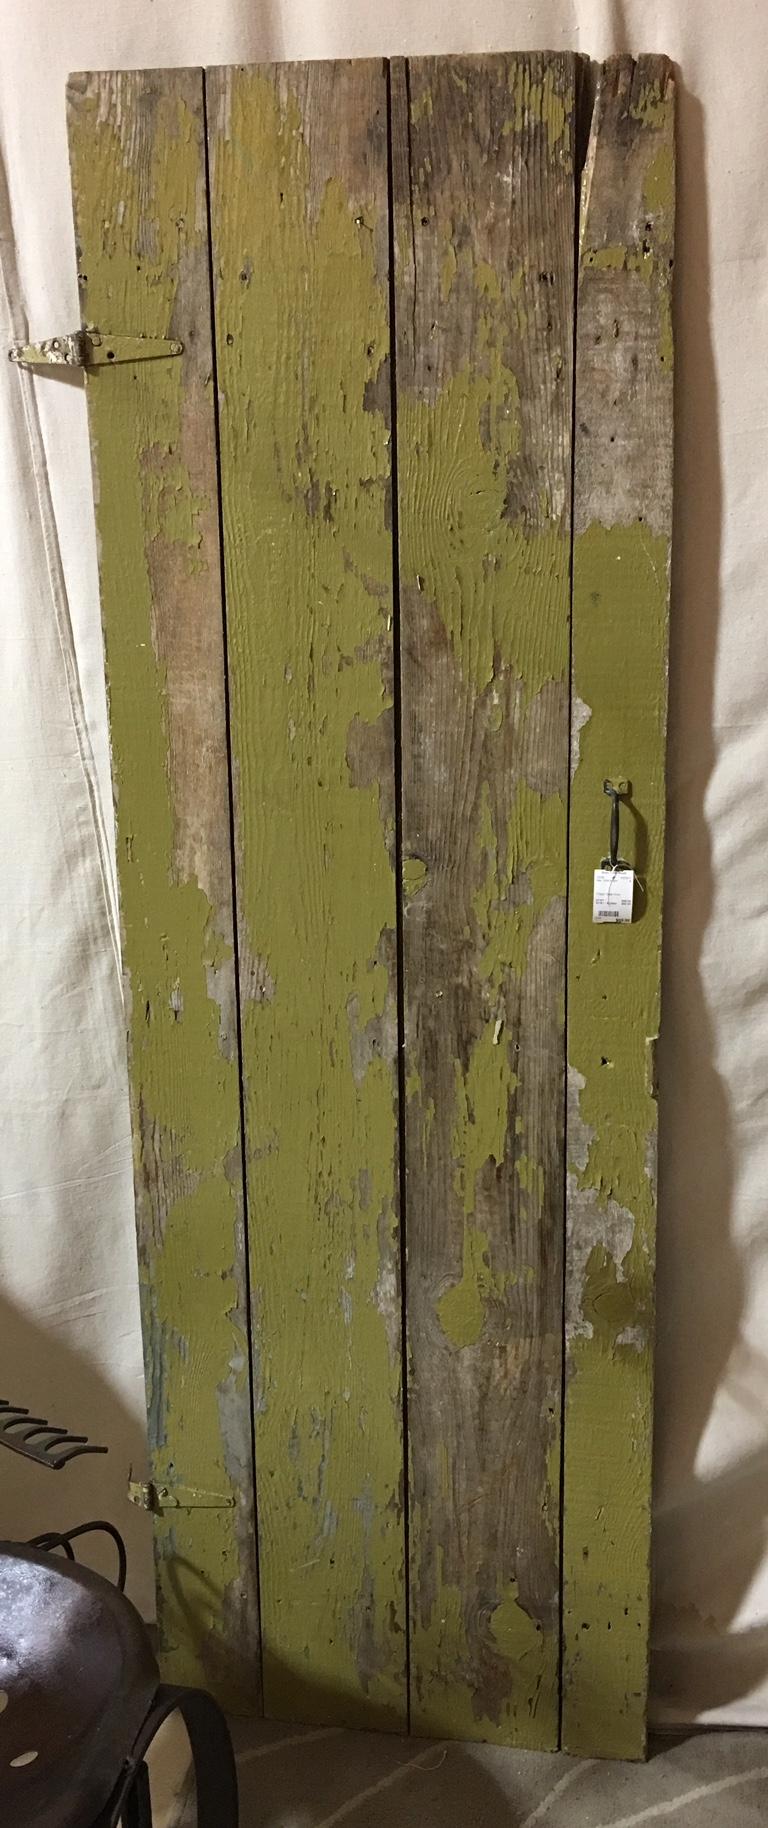 Chippy Green Door